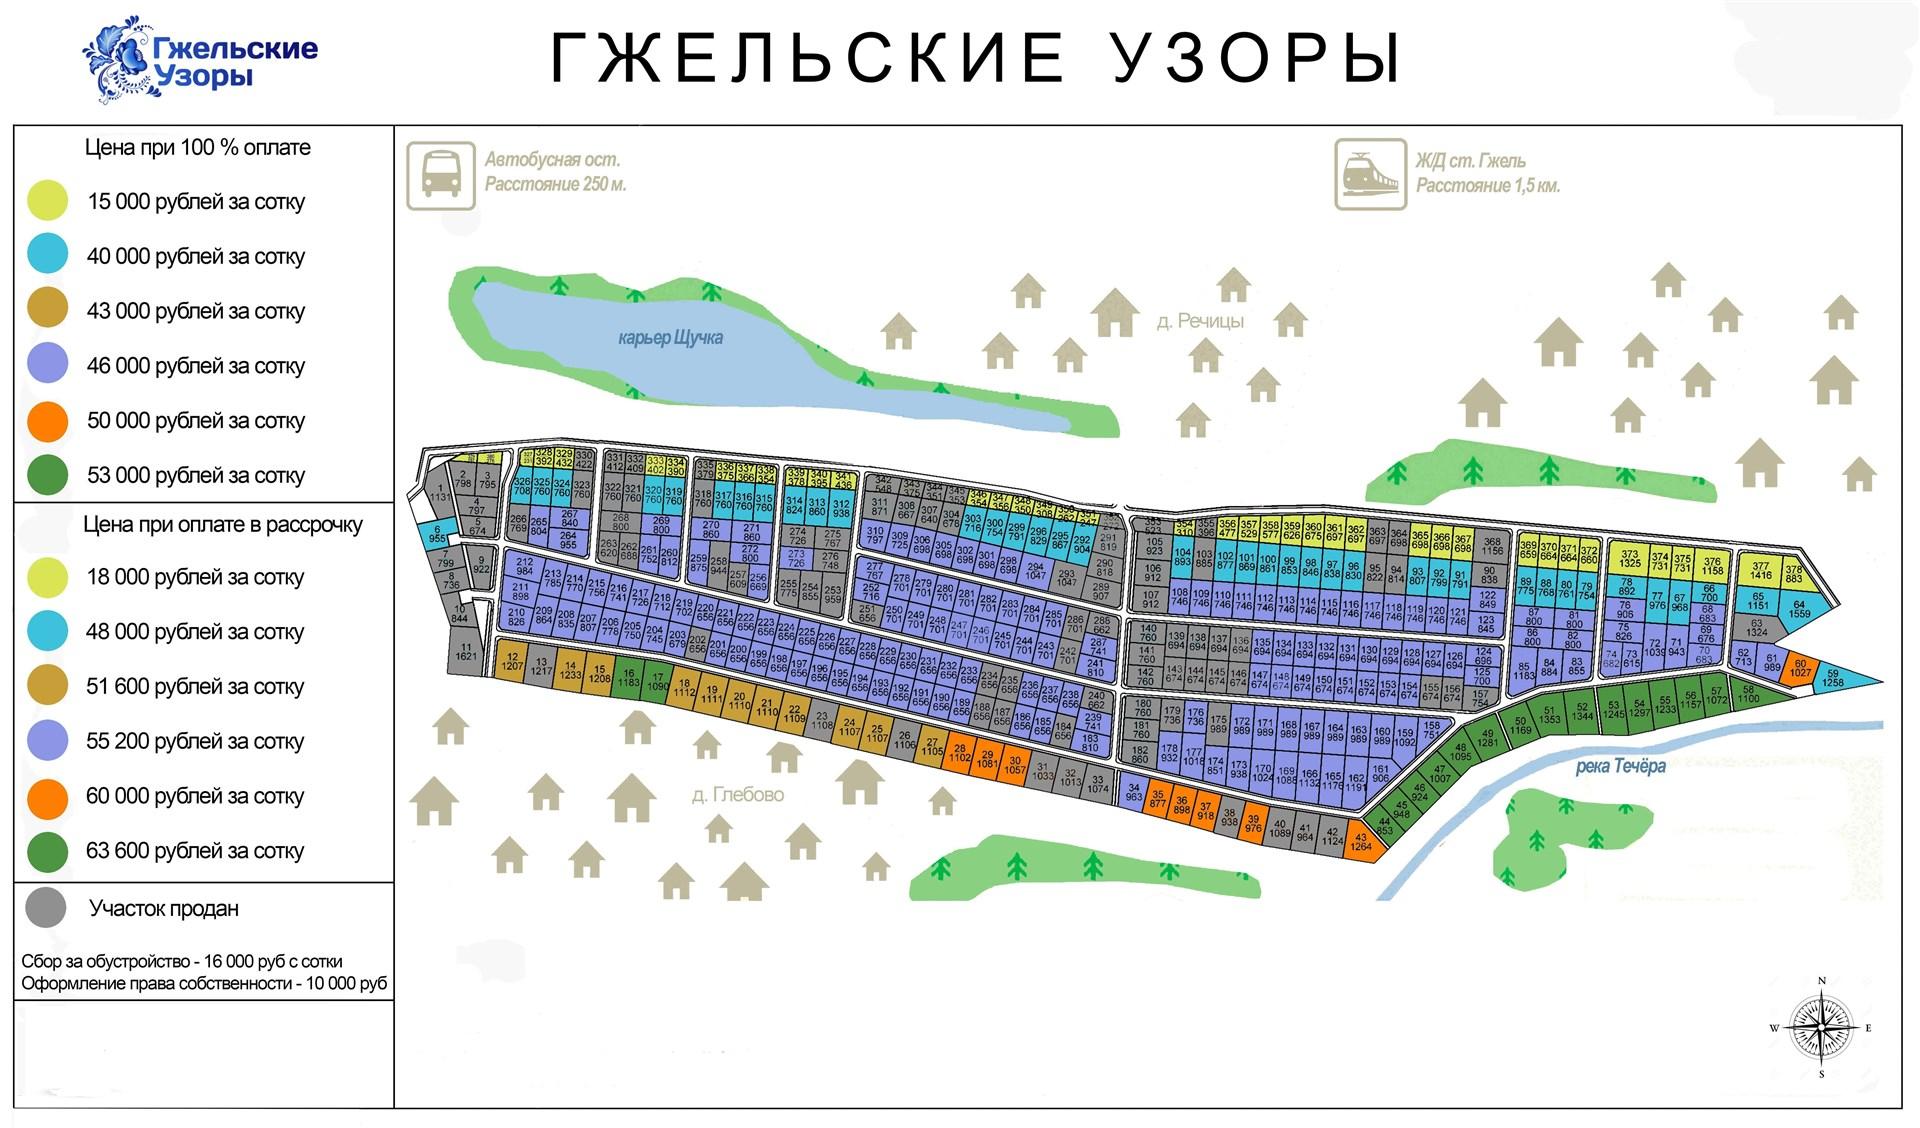 Поселок гжельские узоры раменский район